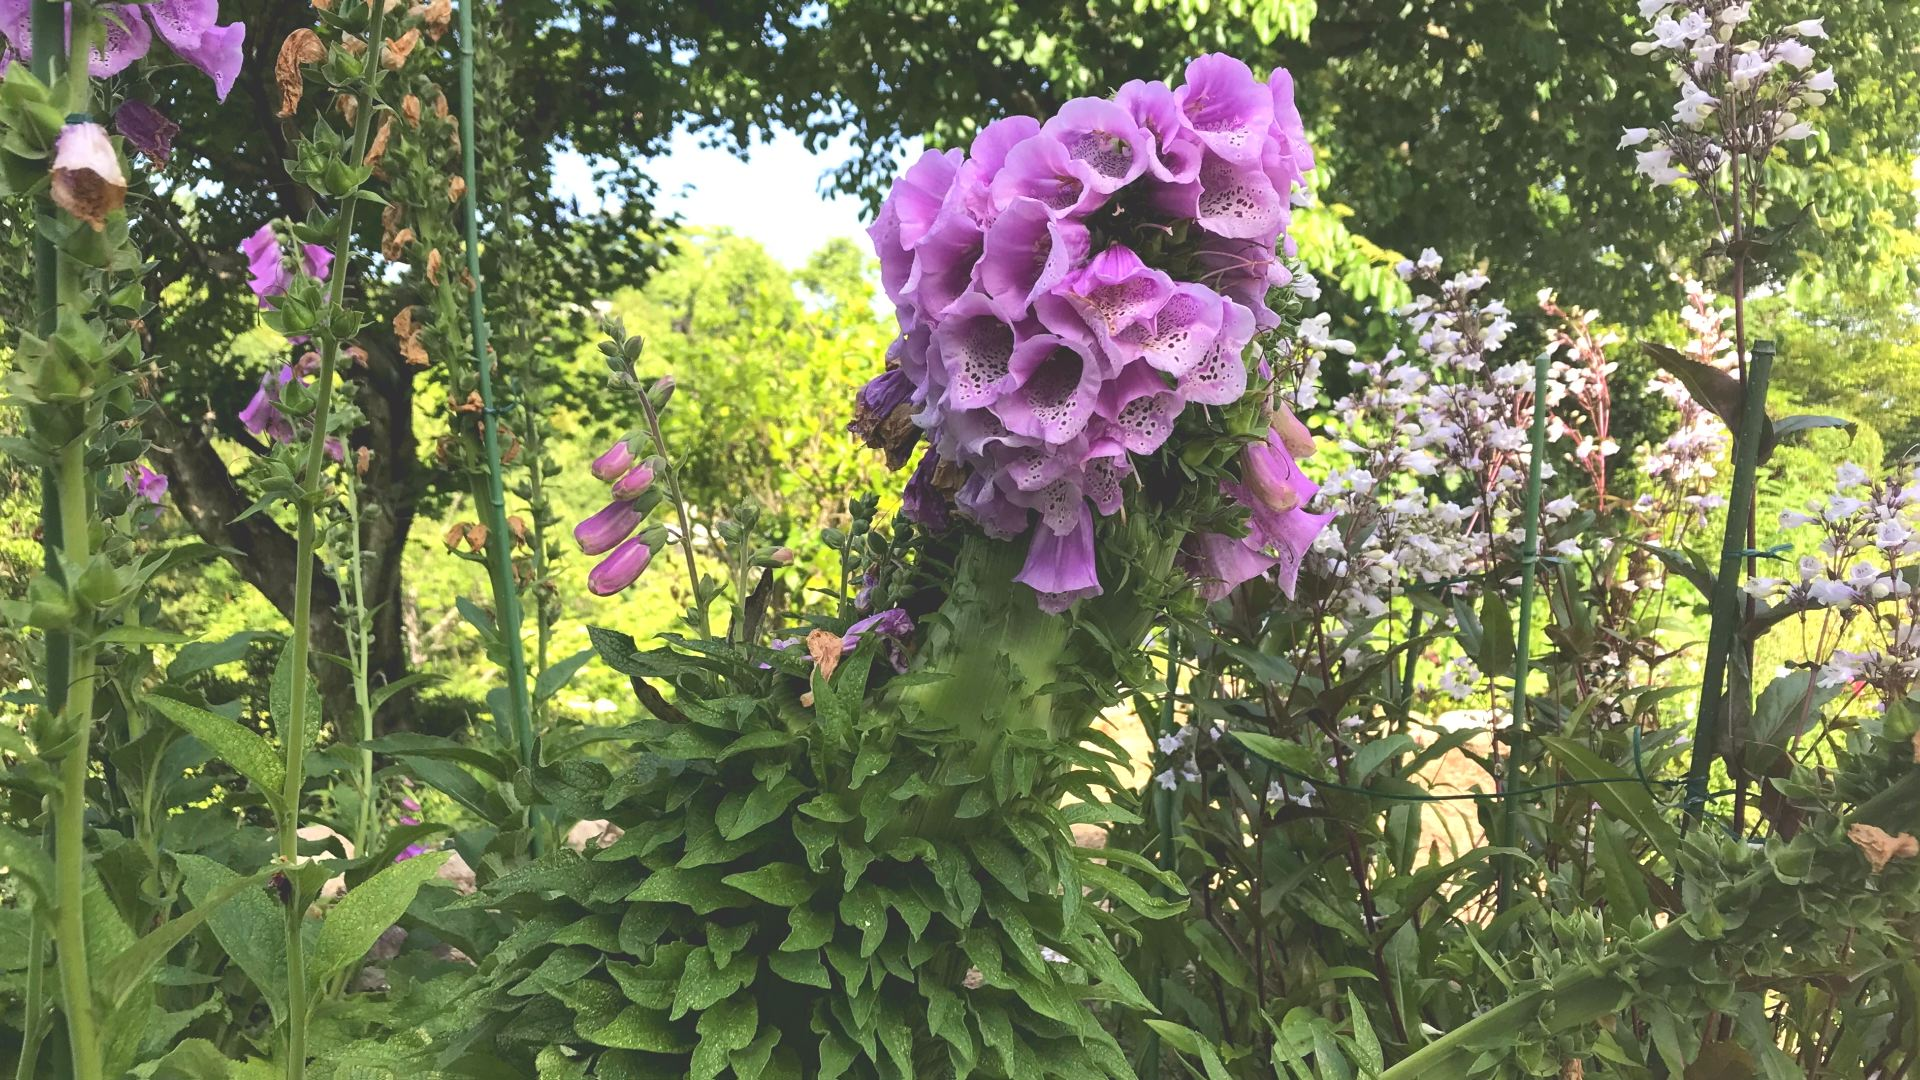 帯化したジギタリス (画像提供 広島市植物公園)